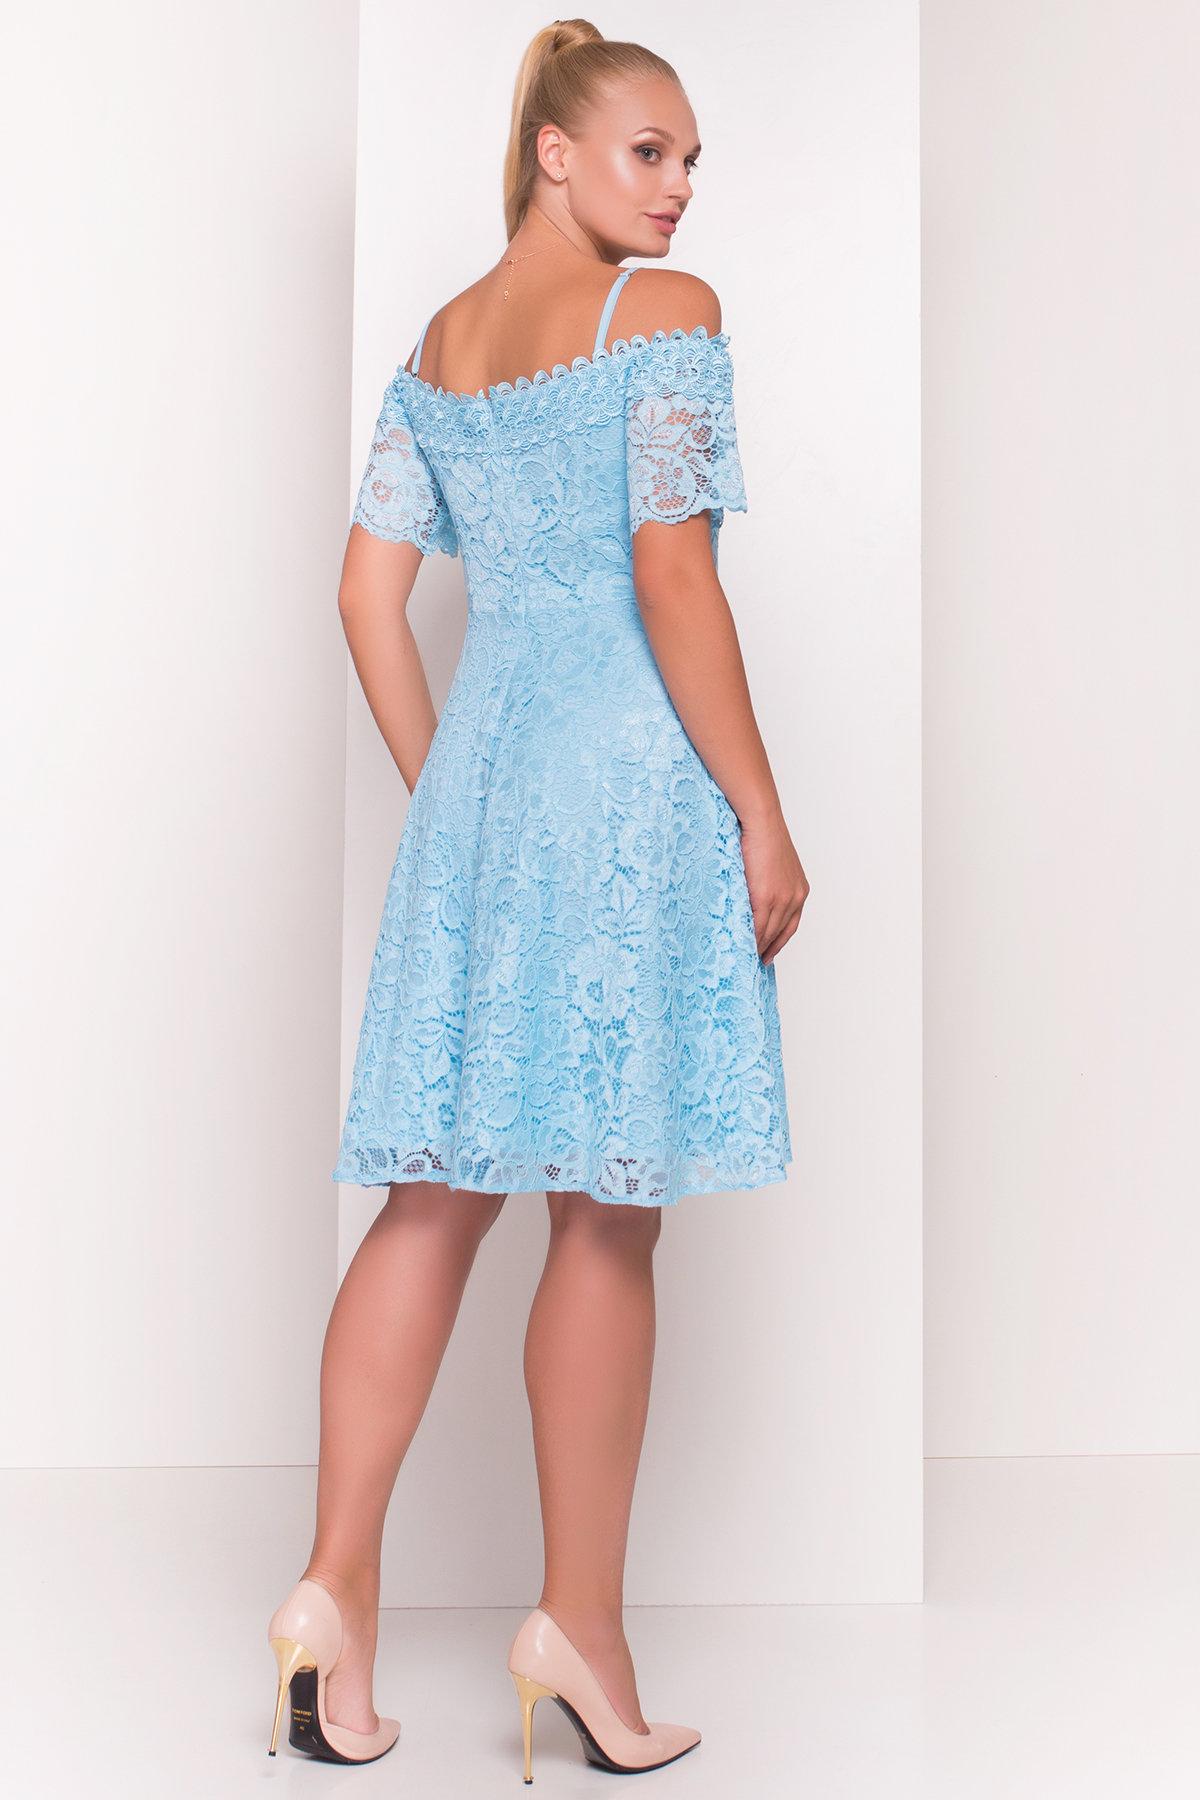 Платье Виола Donna 5059 Цвет: Голубой